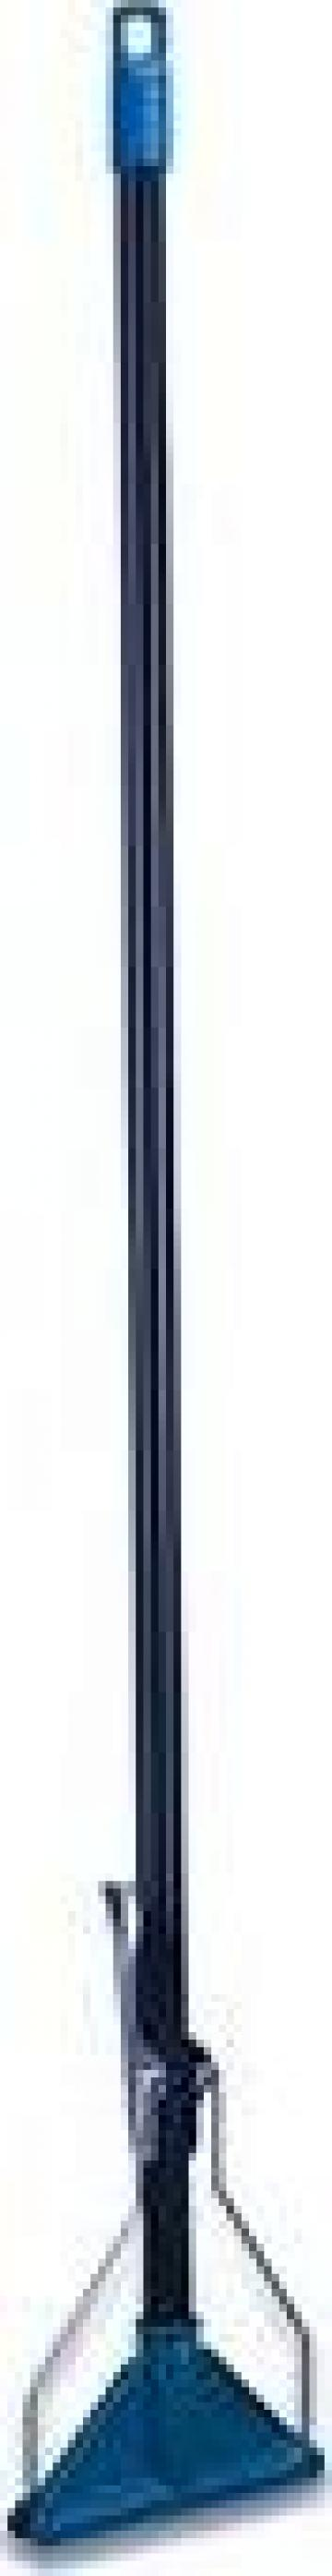 Suport mop cu coada profi Rak 15x120cm de la Basarom Com